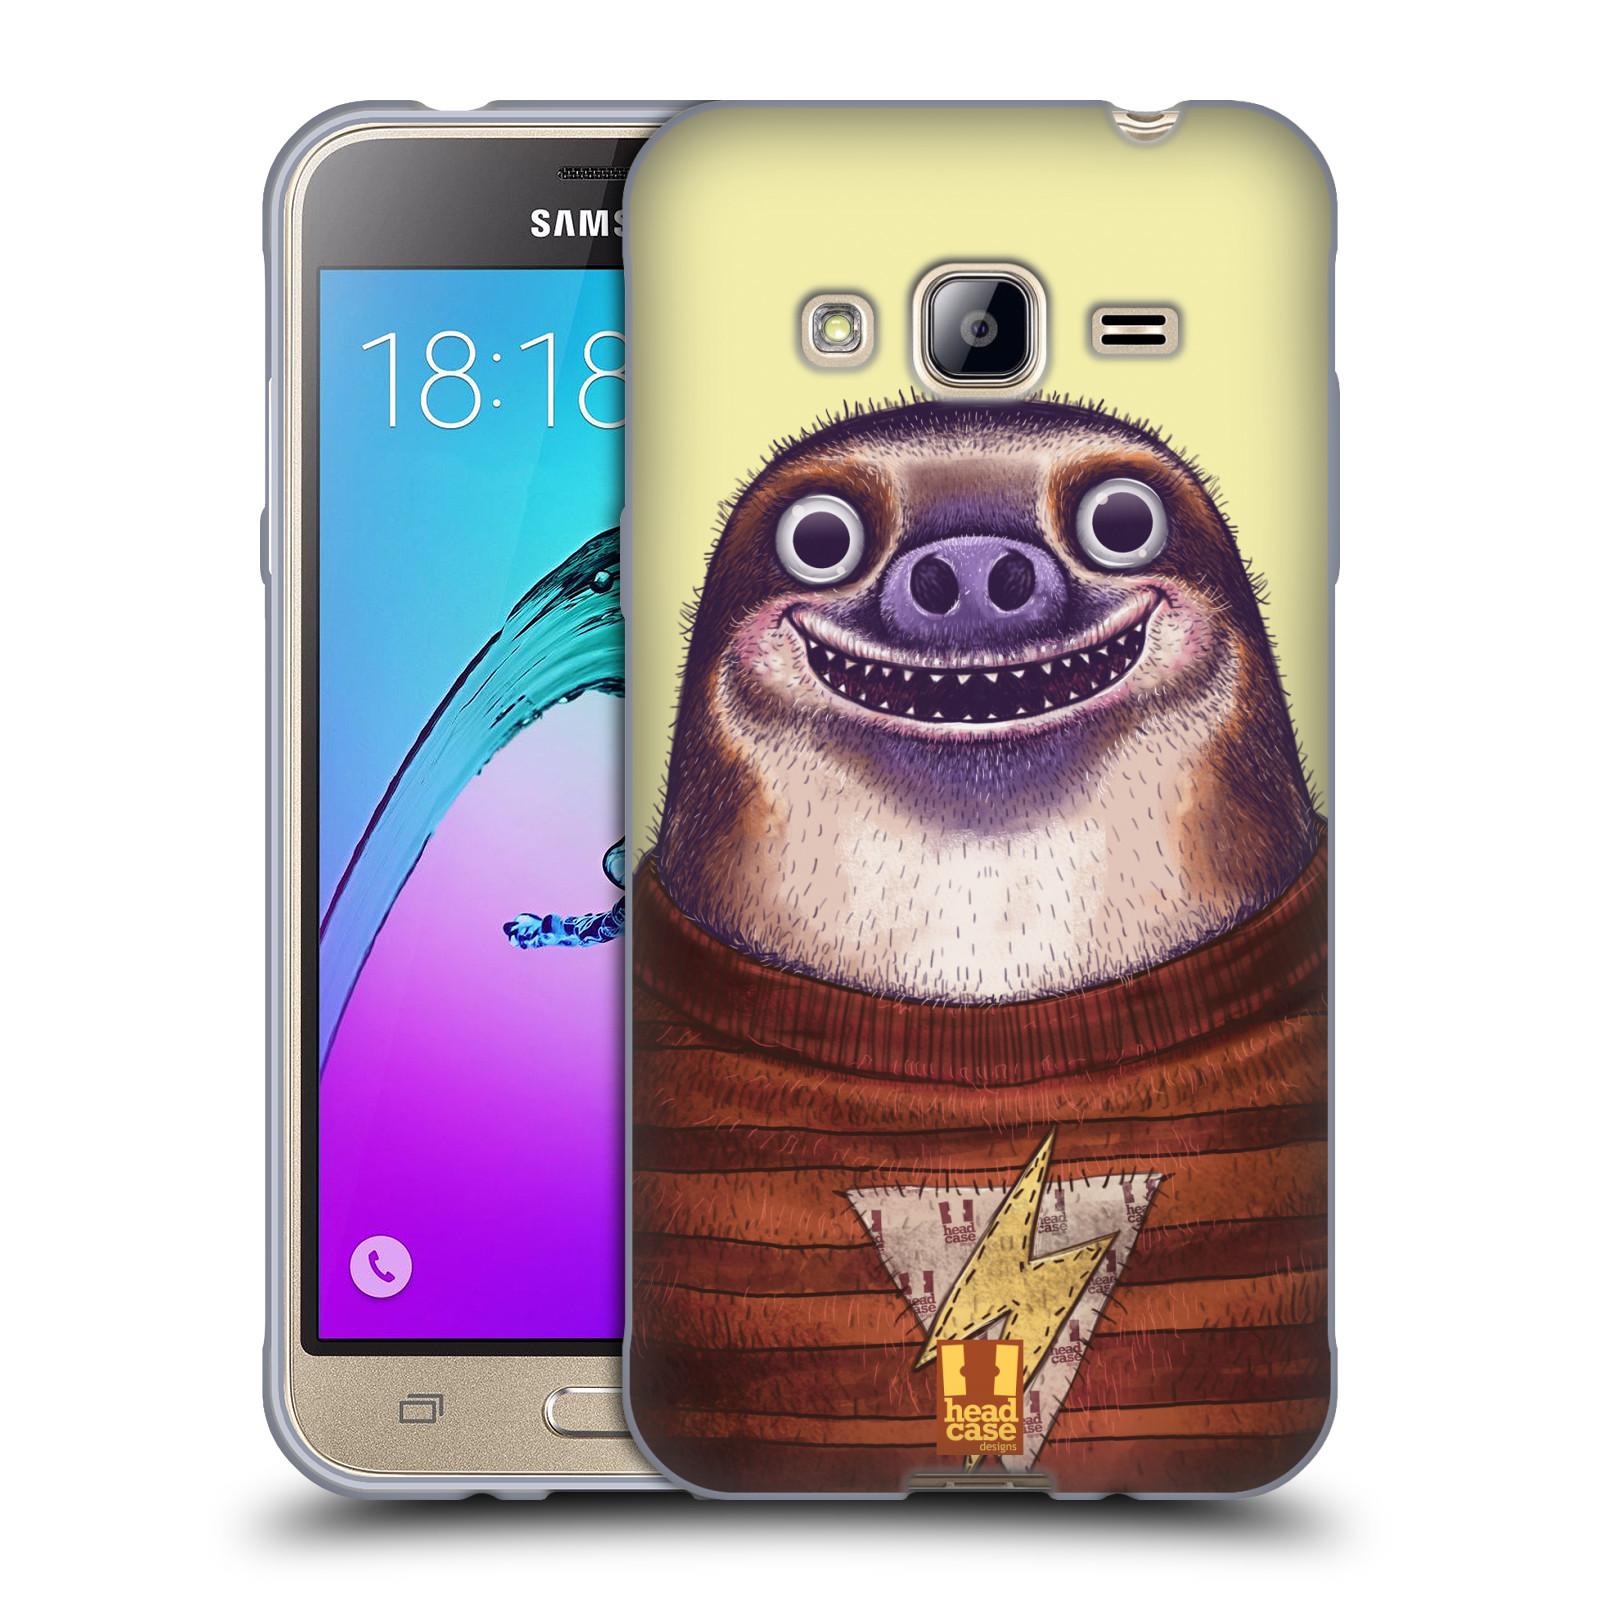 Silikonové pouzdro na mobil Samsung Galaxy J3 (2016) HEAD CASE ANIMPLA LENOCHOD